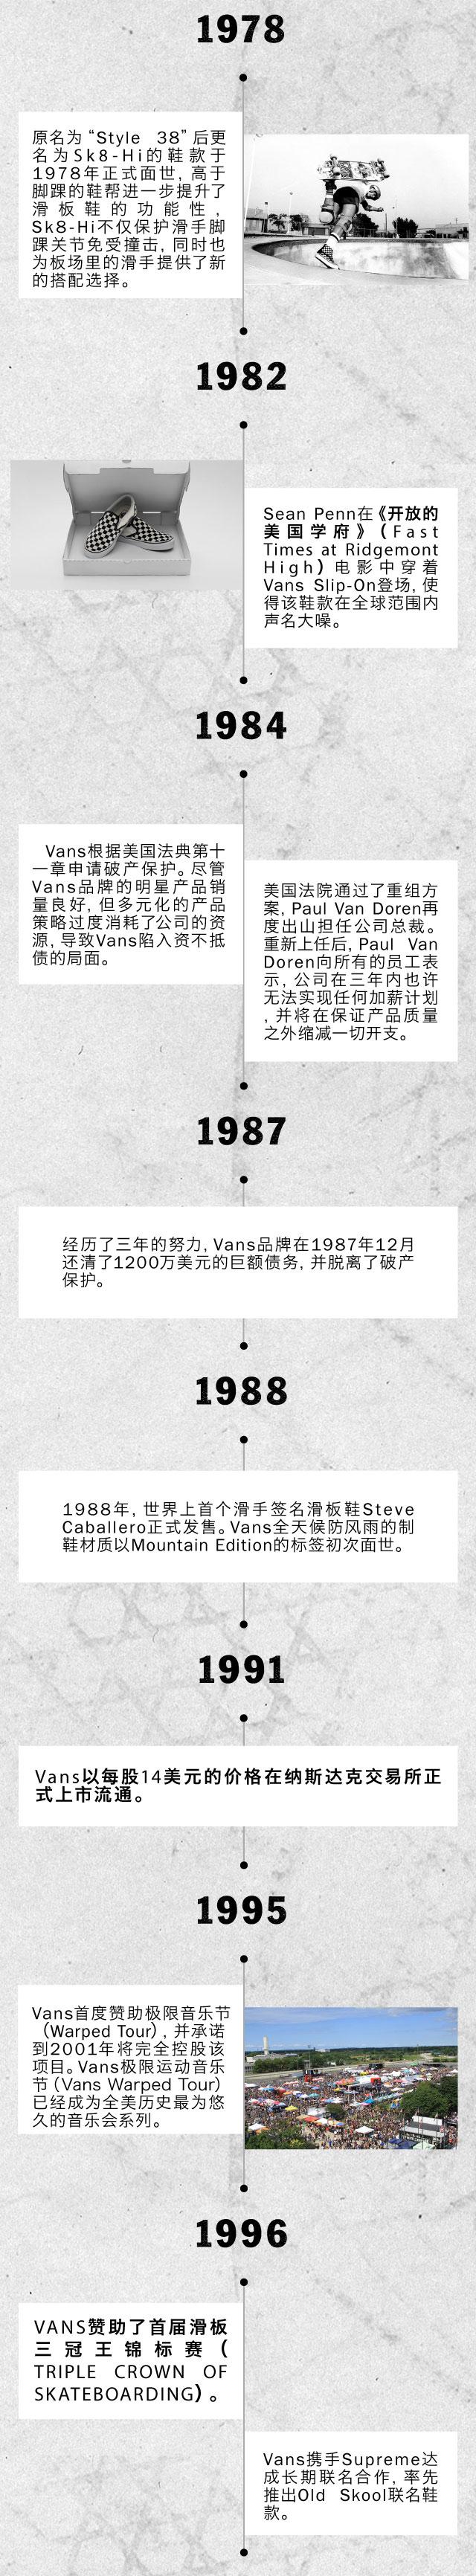 Vans-Brand-History_Mobile_02